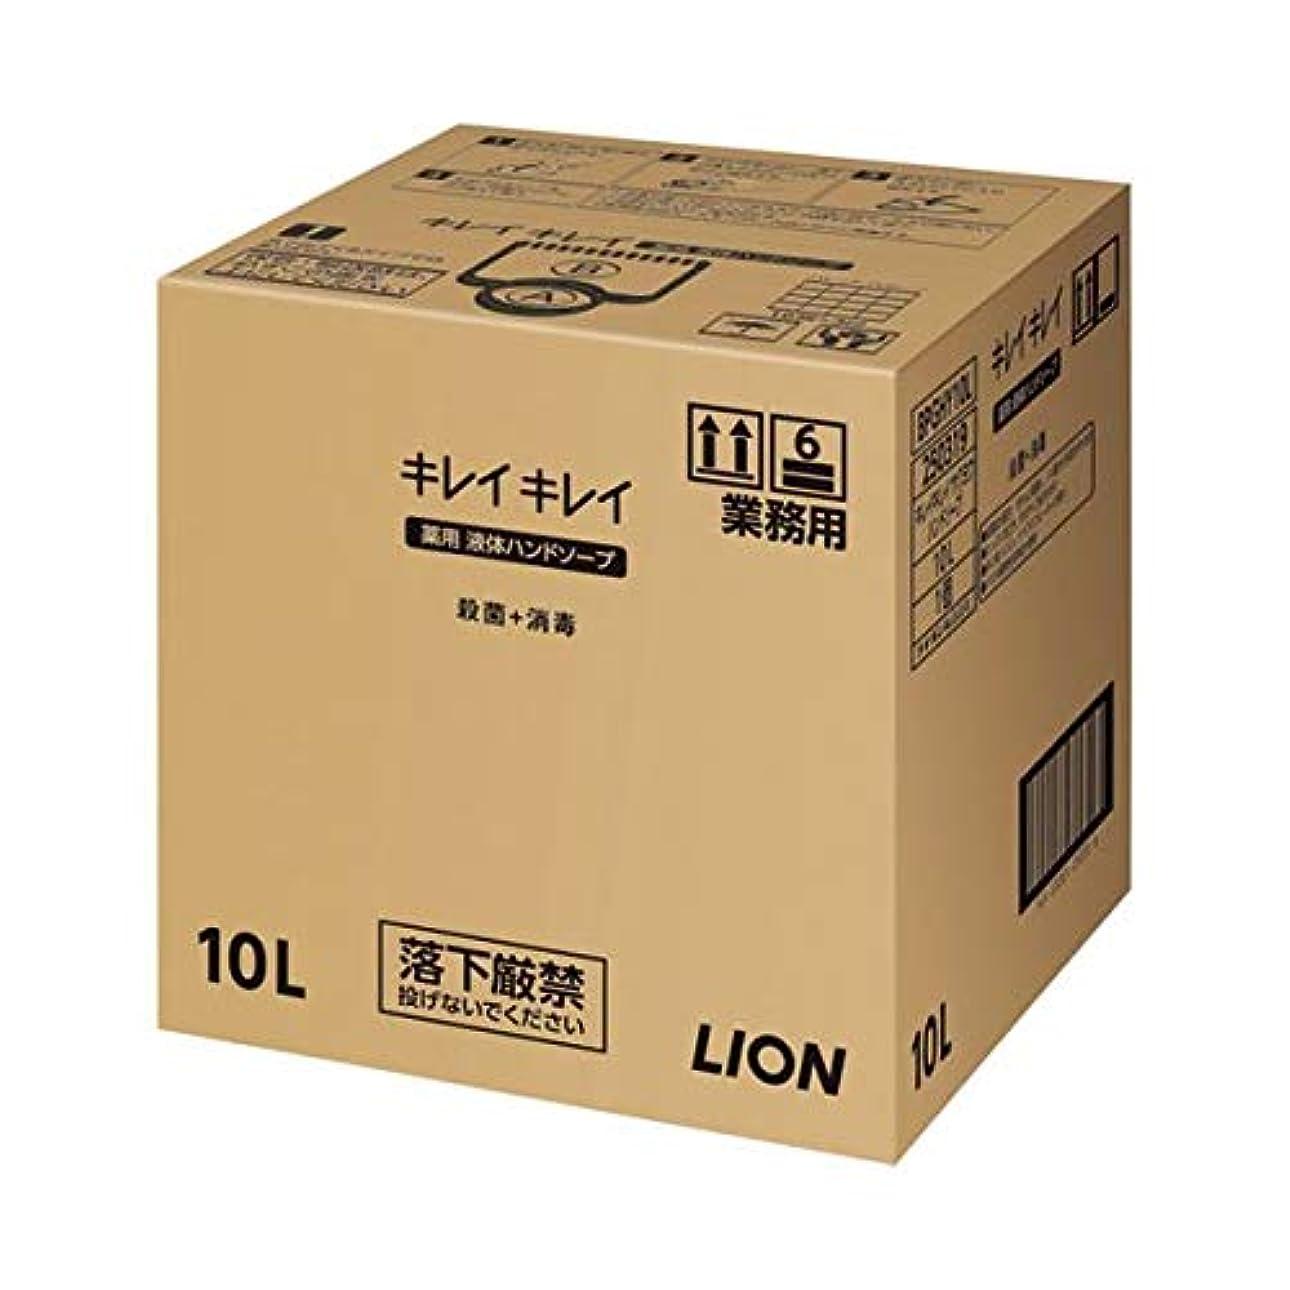 野心的分類協同ライオン キレイキレイ 薬用ハンドソープ 10L ダイエット 健康 衛生用品 ハンドソープ 14067381 [並行輸入品]